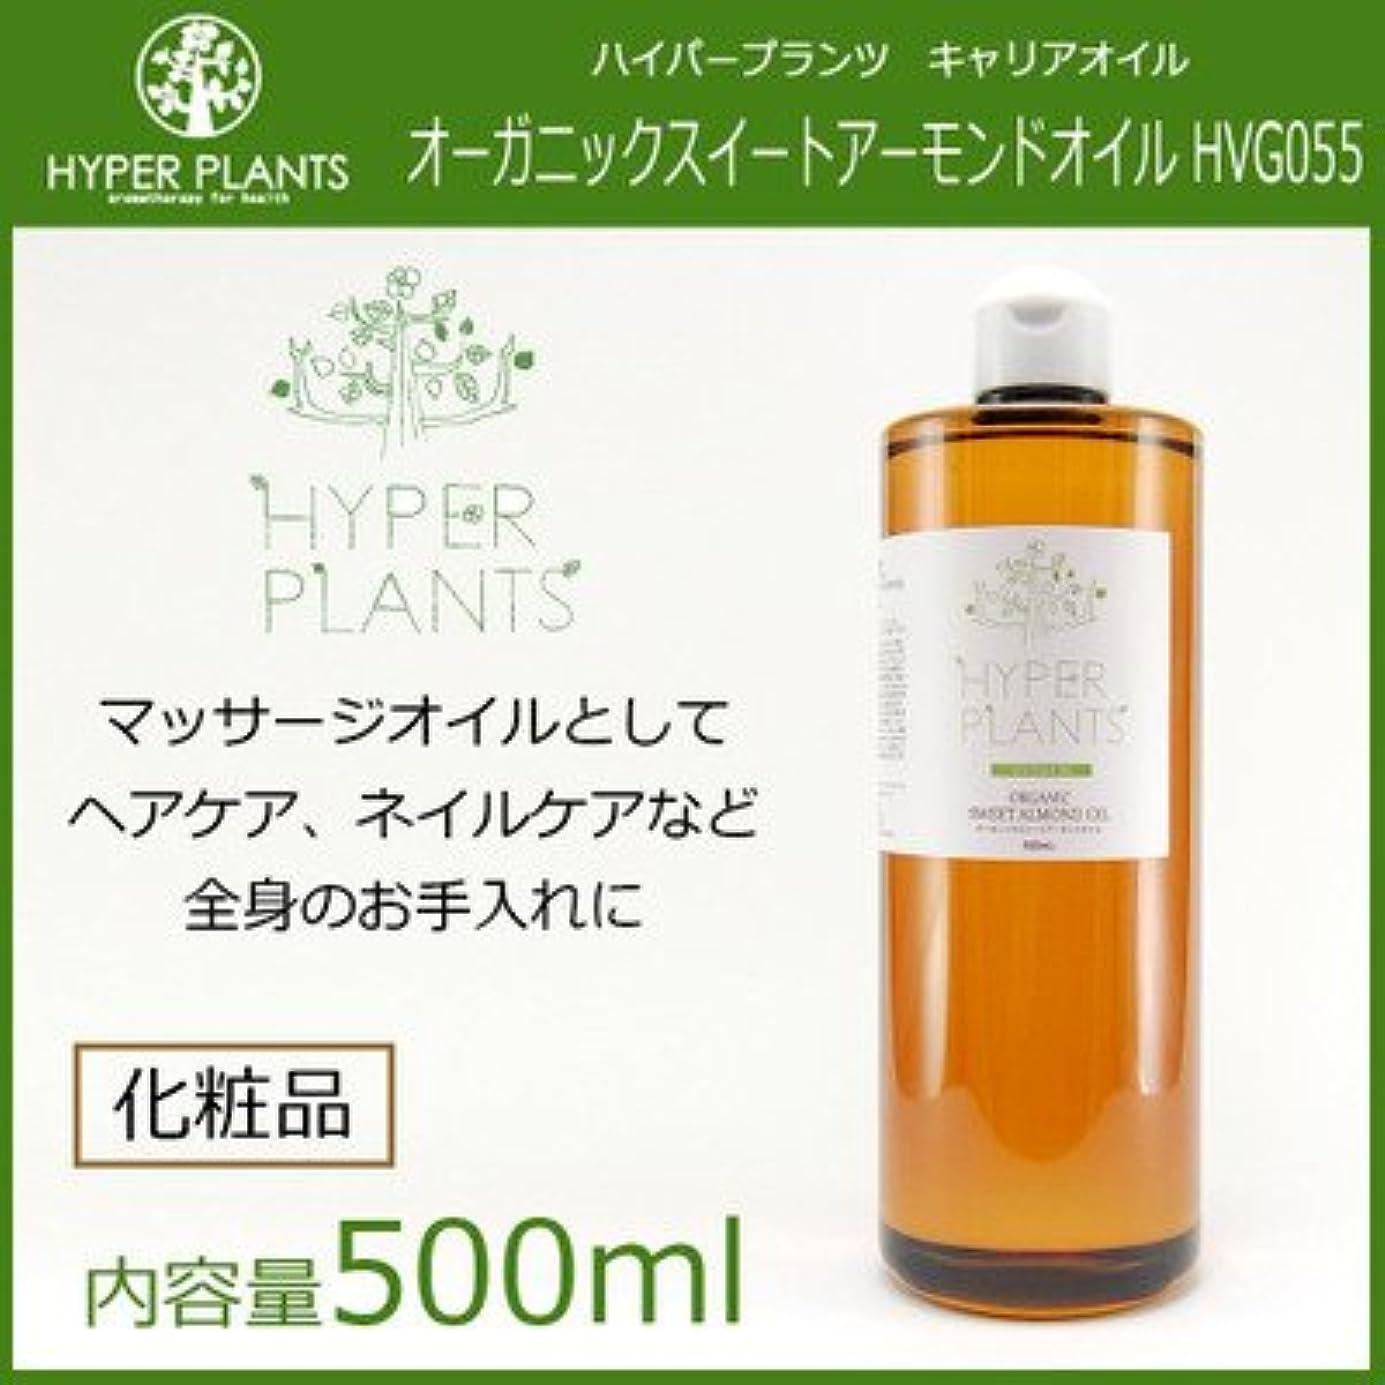 協同について耐えられる天然植物原料100%使用 肌をやさしく守る定番オイル HYPER PLANTS ハイパープランツ キャリアオイル オーガニックスイートアーモンドオイル 500ml HVG055